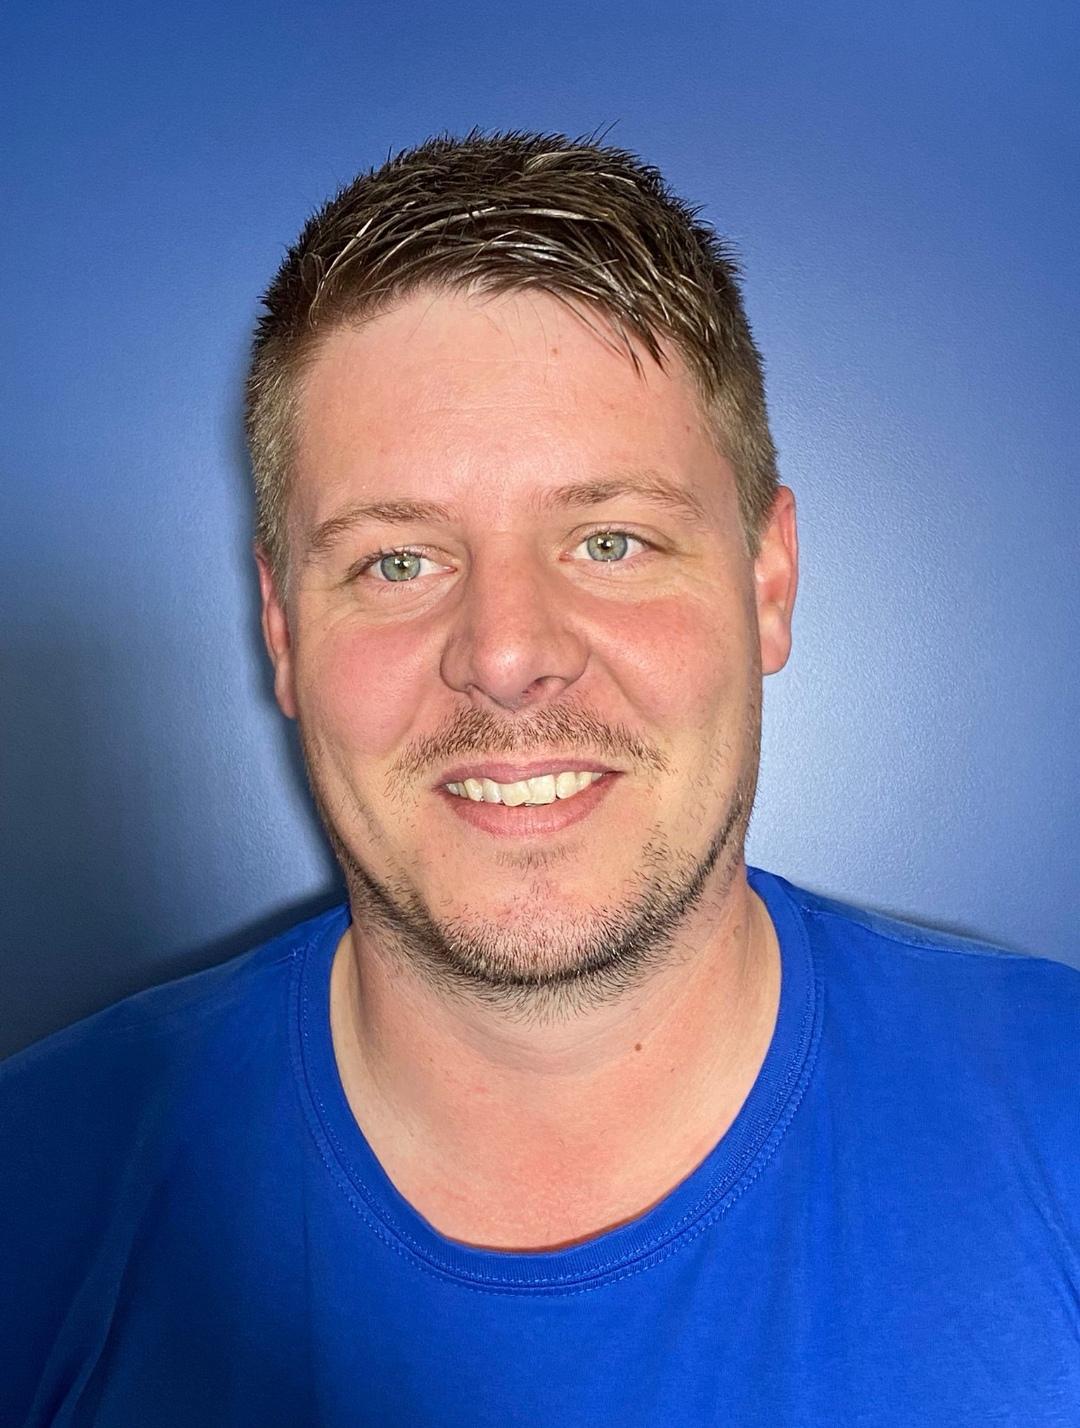 Christian Morgenthaler